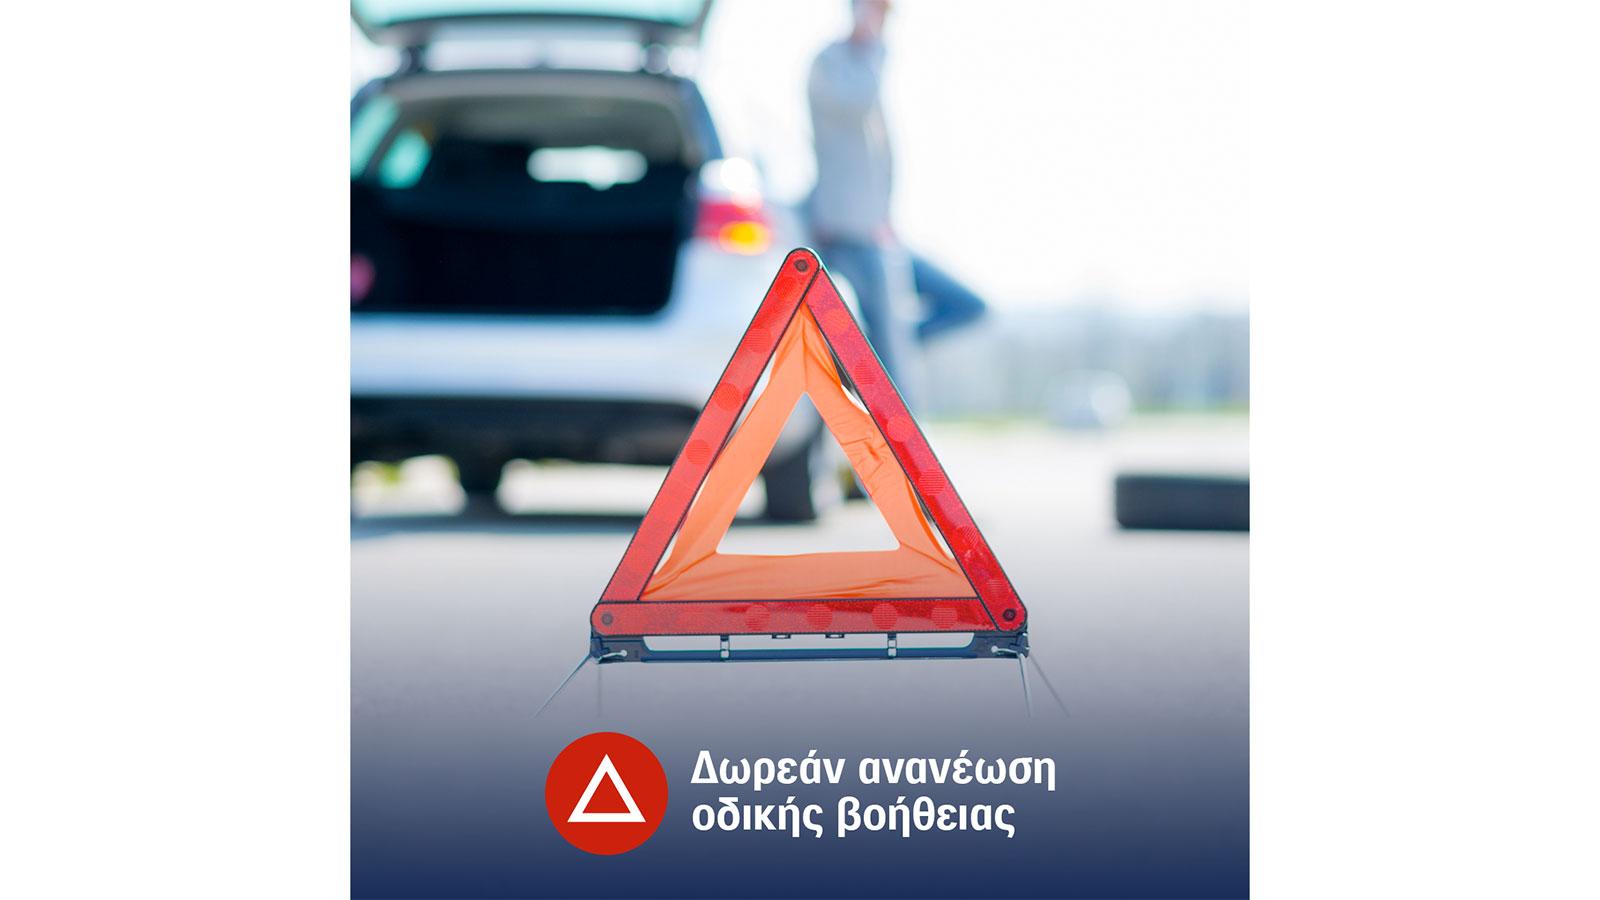 το πρόγραμμα οδικής βοήθειας Suzuki Assistance, αναφέρεται πλέον σε όλα τα μοντέλα, χωρίς όριο ηλικίας και ανανεώνεται εντελώς δωρεάν!